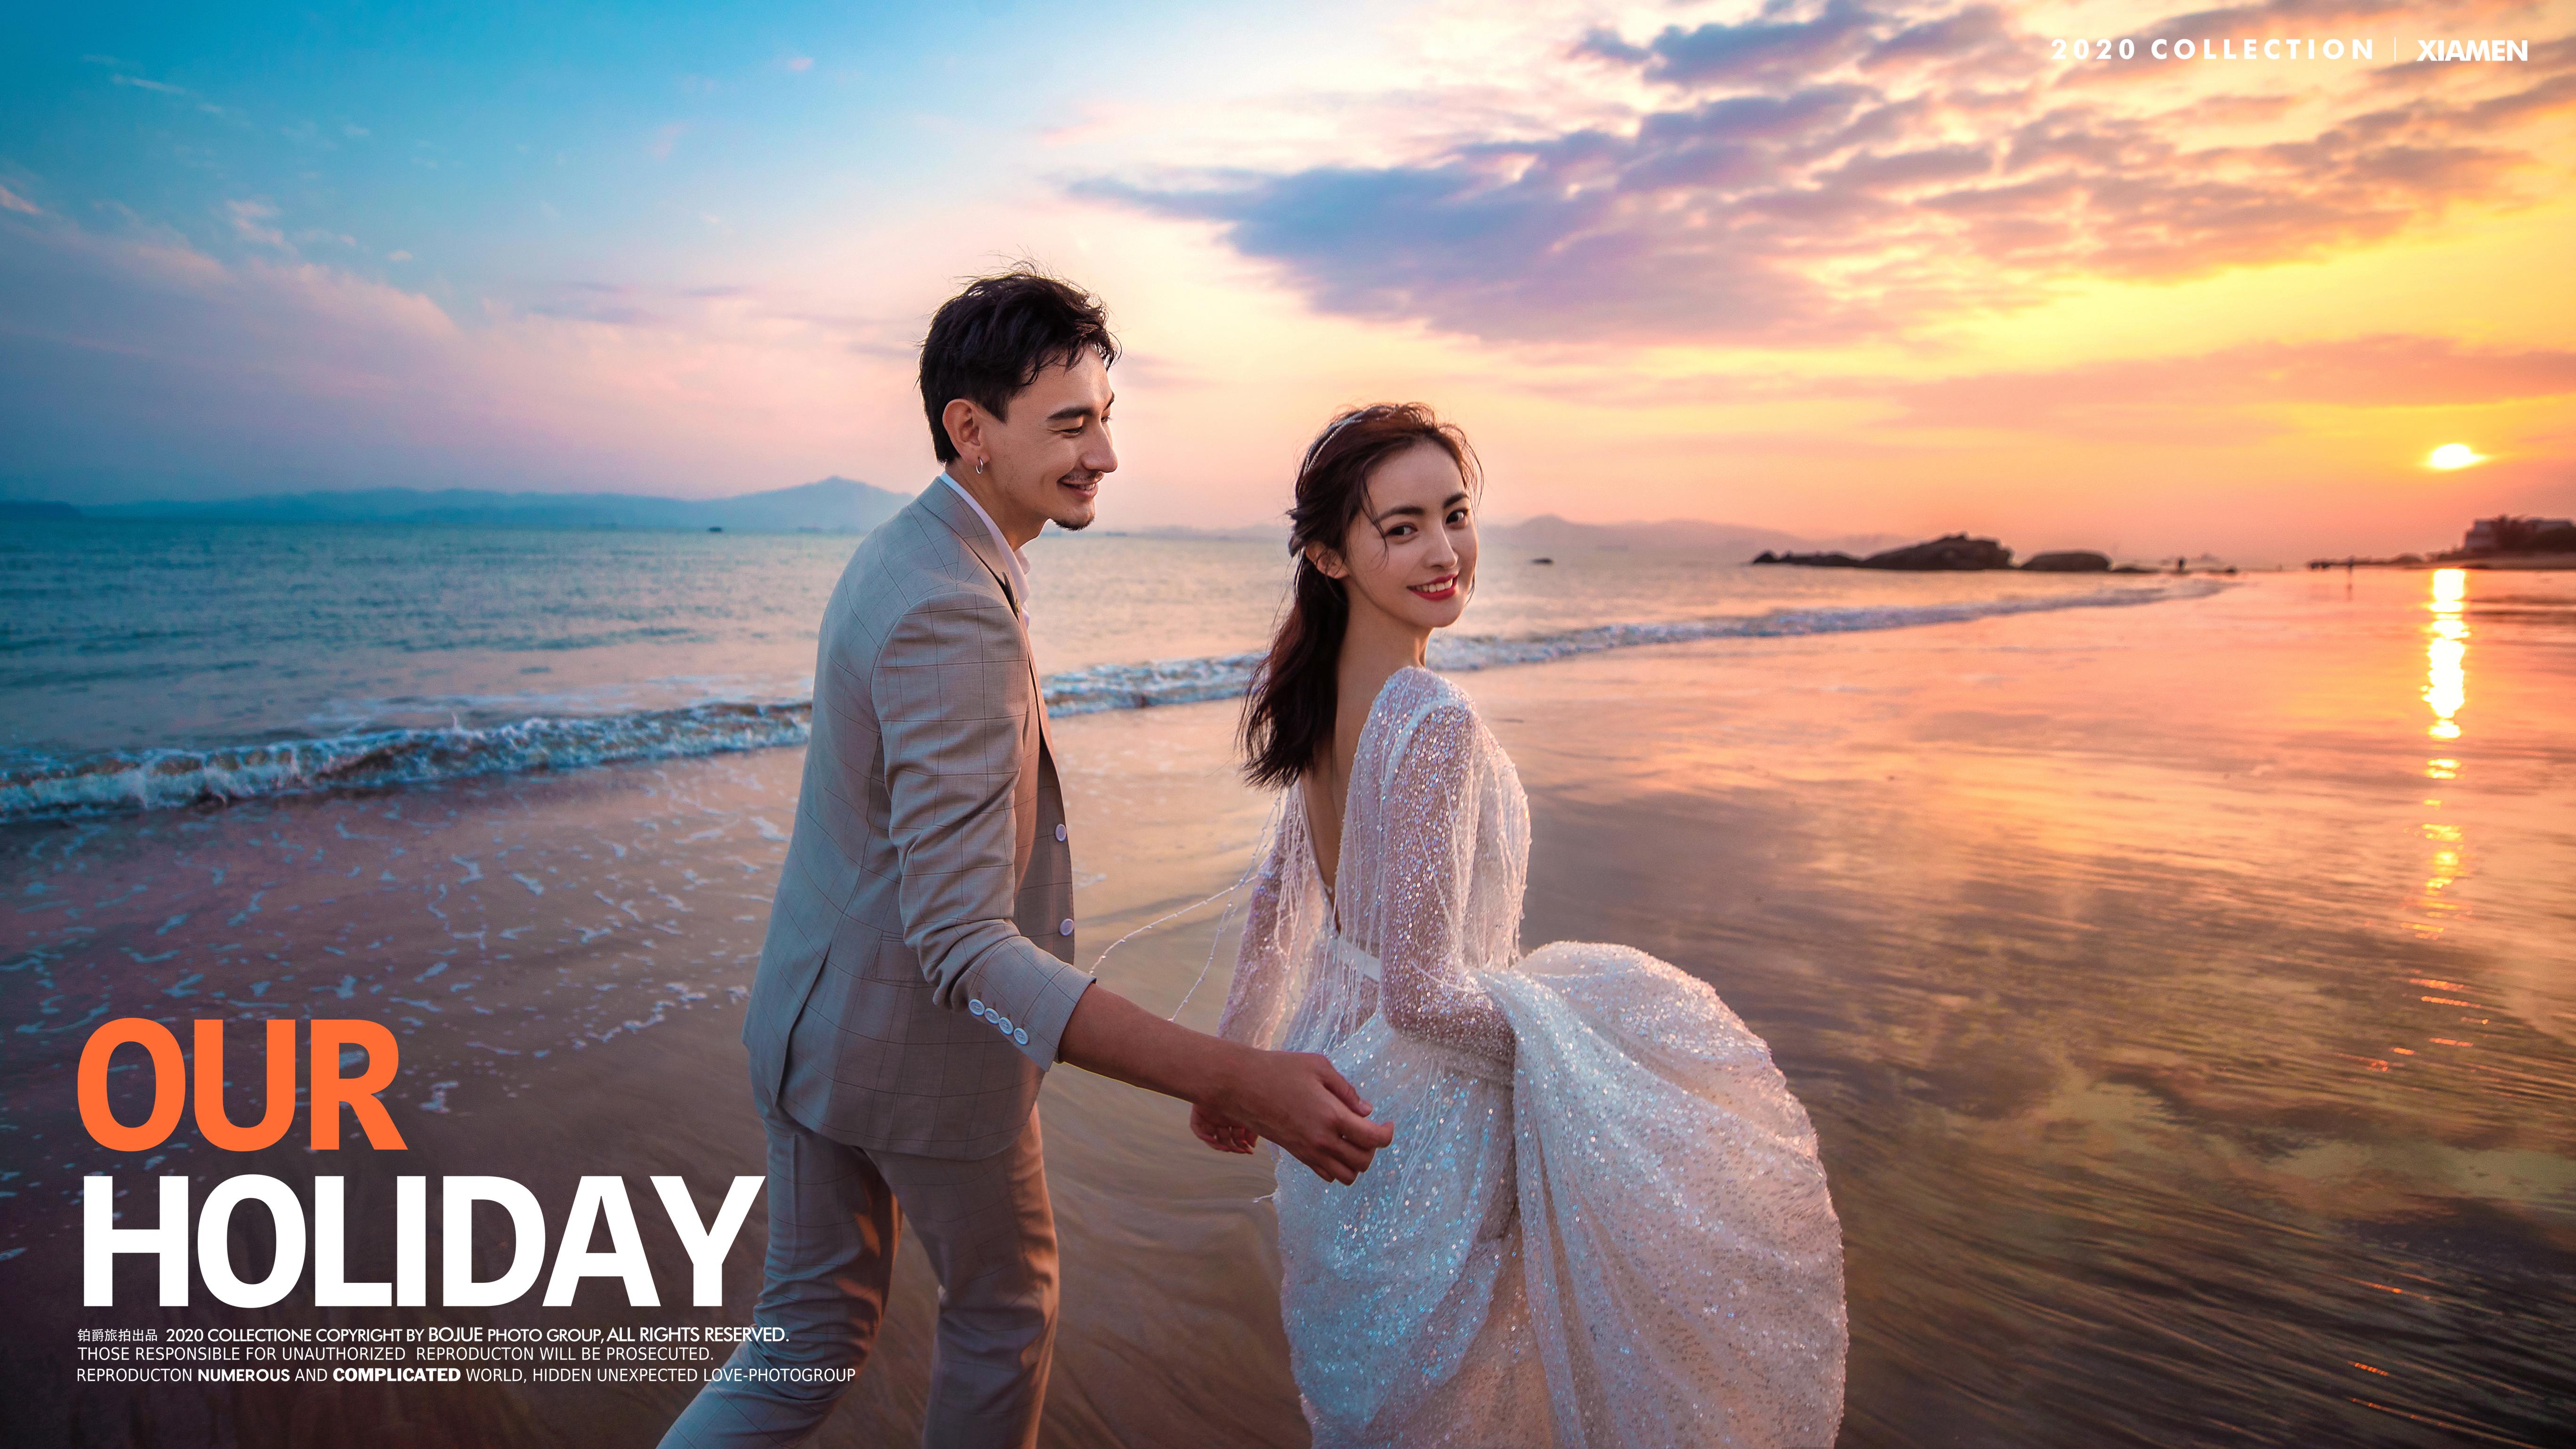 雨天拍婚纱照好看吗 雨天要怎么拍出婚纱照大片